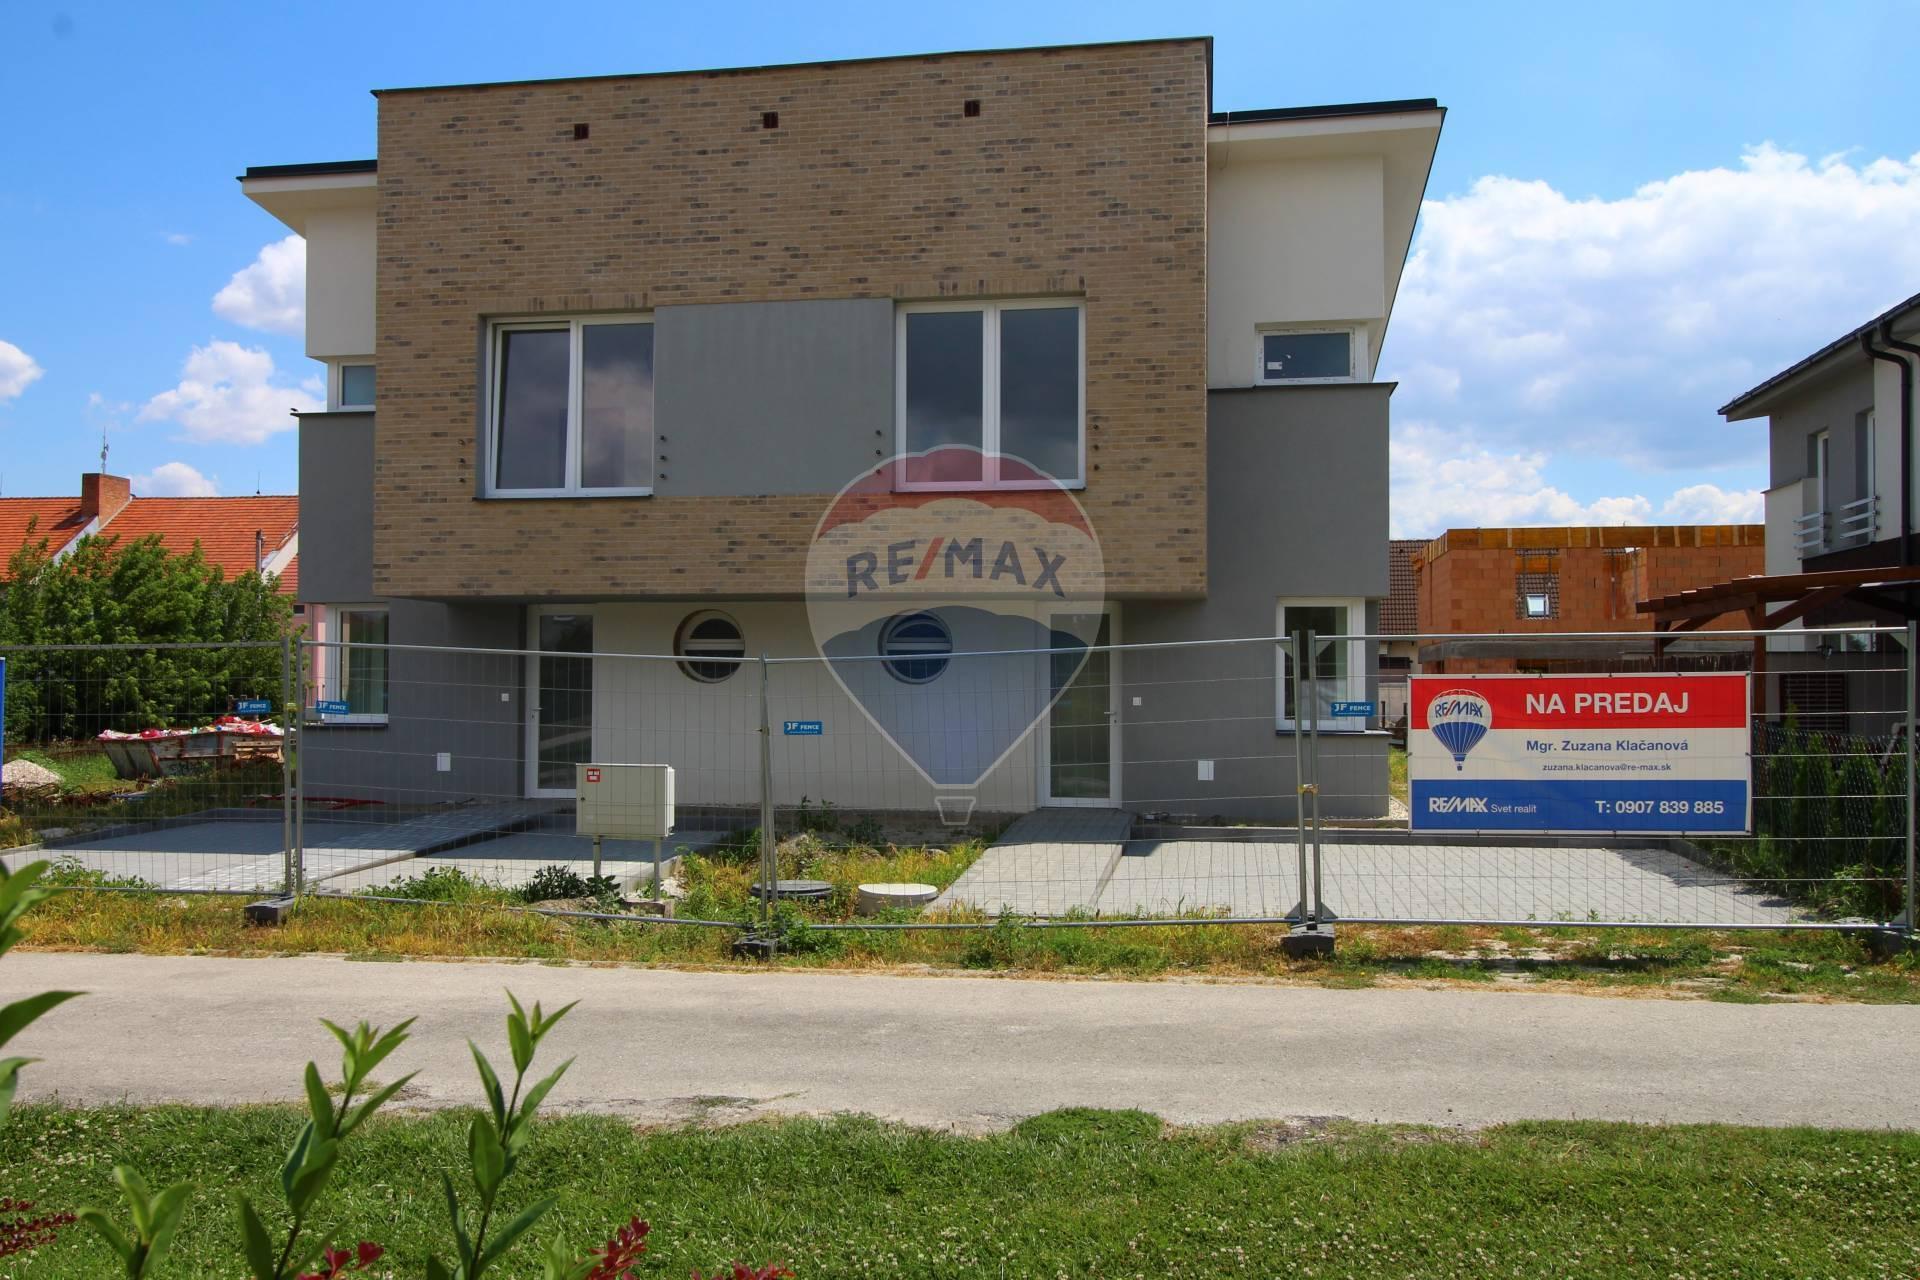 VIDEOOBHLIADKA: PREDAJ 4 izb. rodinného domu, Hurbanova Ves, novostavba v štandarde